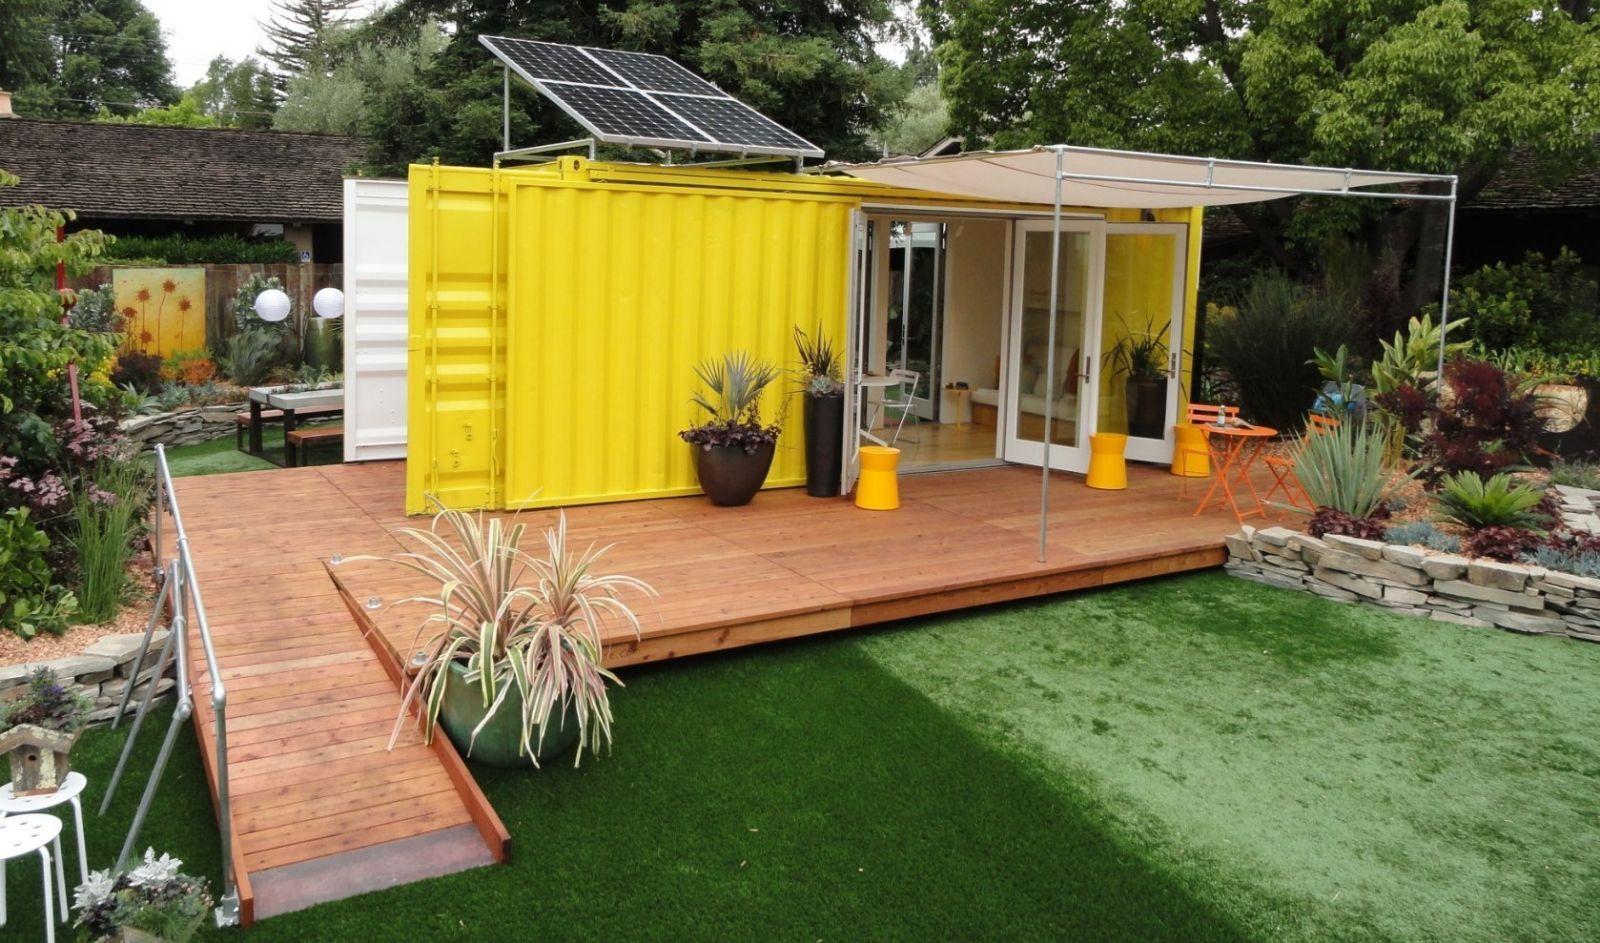 Cовременный дом из контейнеров: общий вид